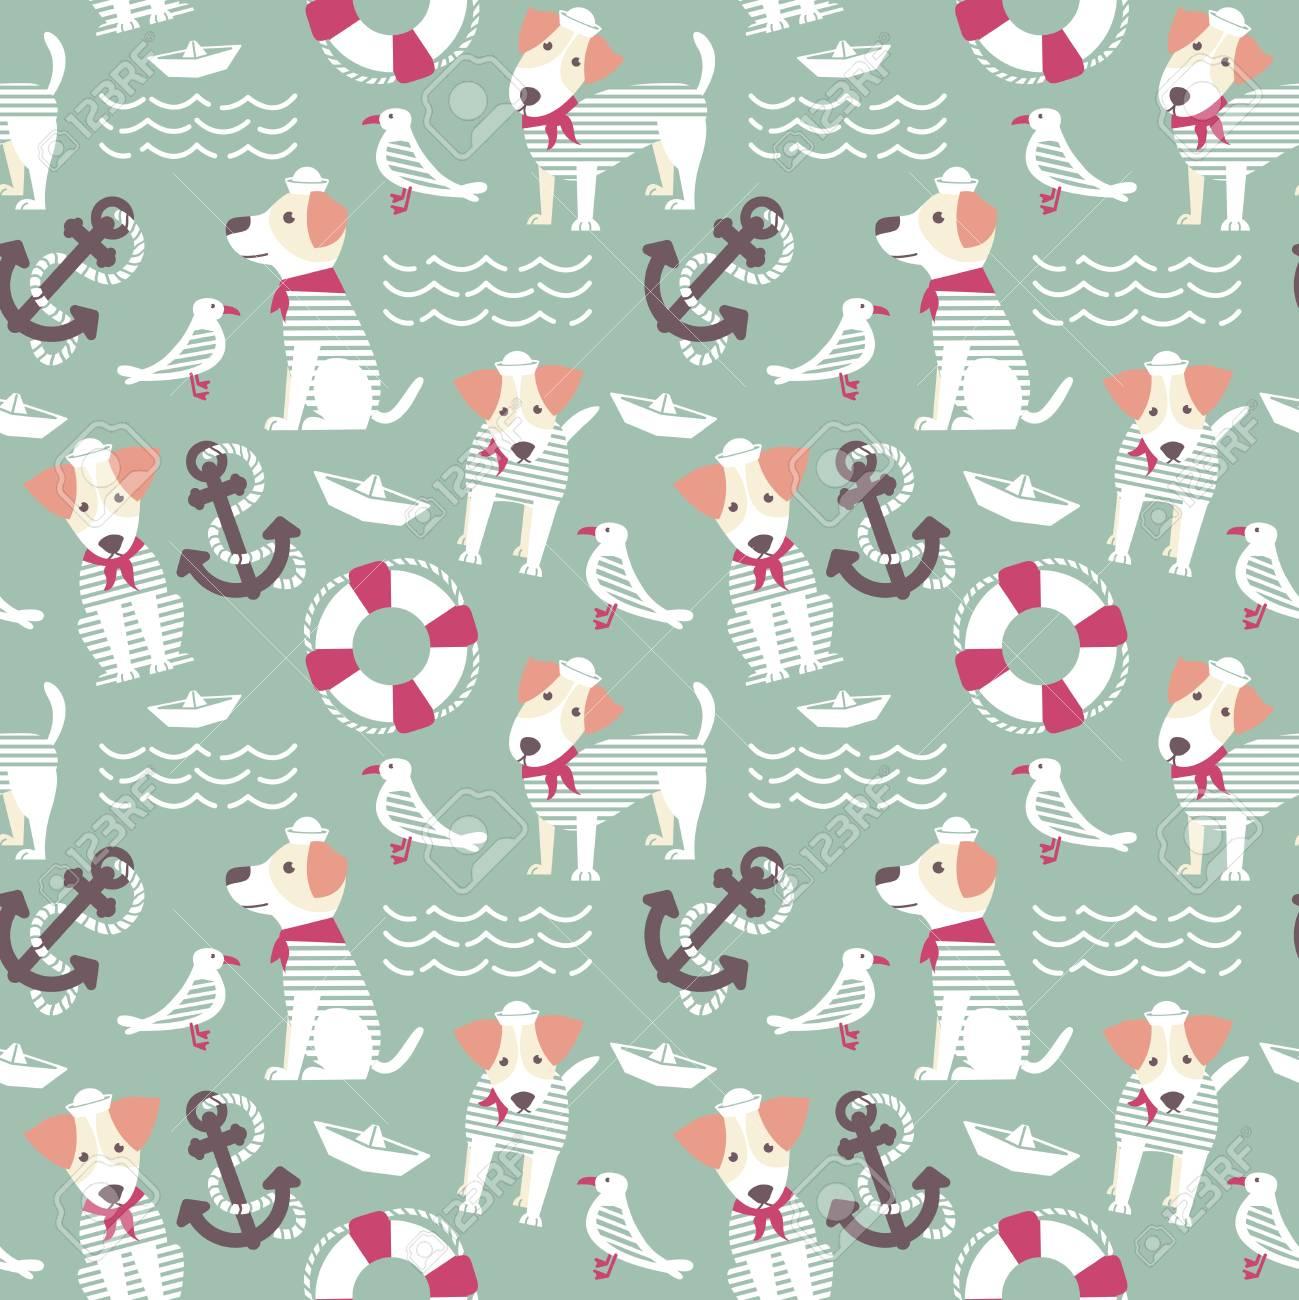 セーラー テリア犬シームレス パターン かわいい犬と海洋